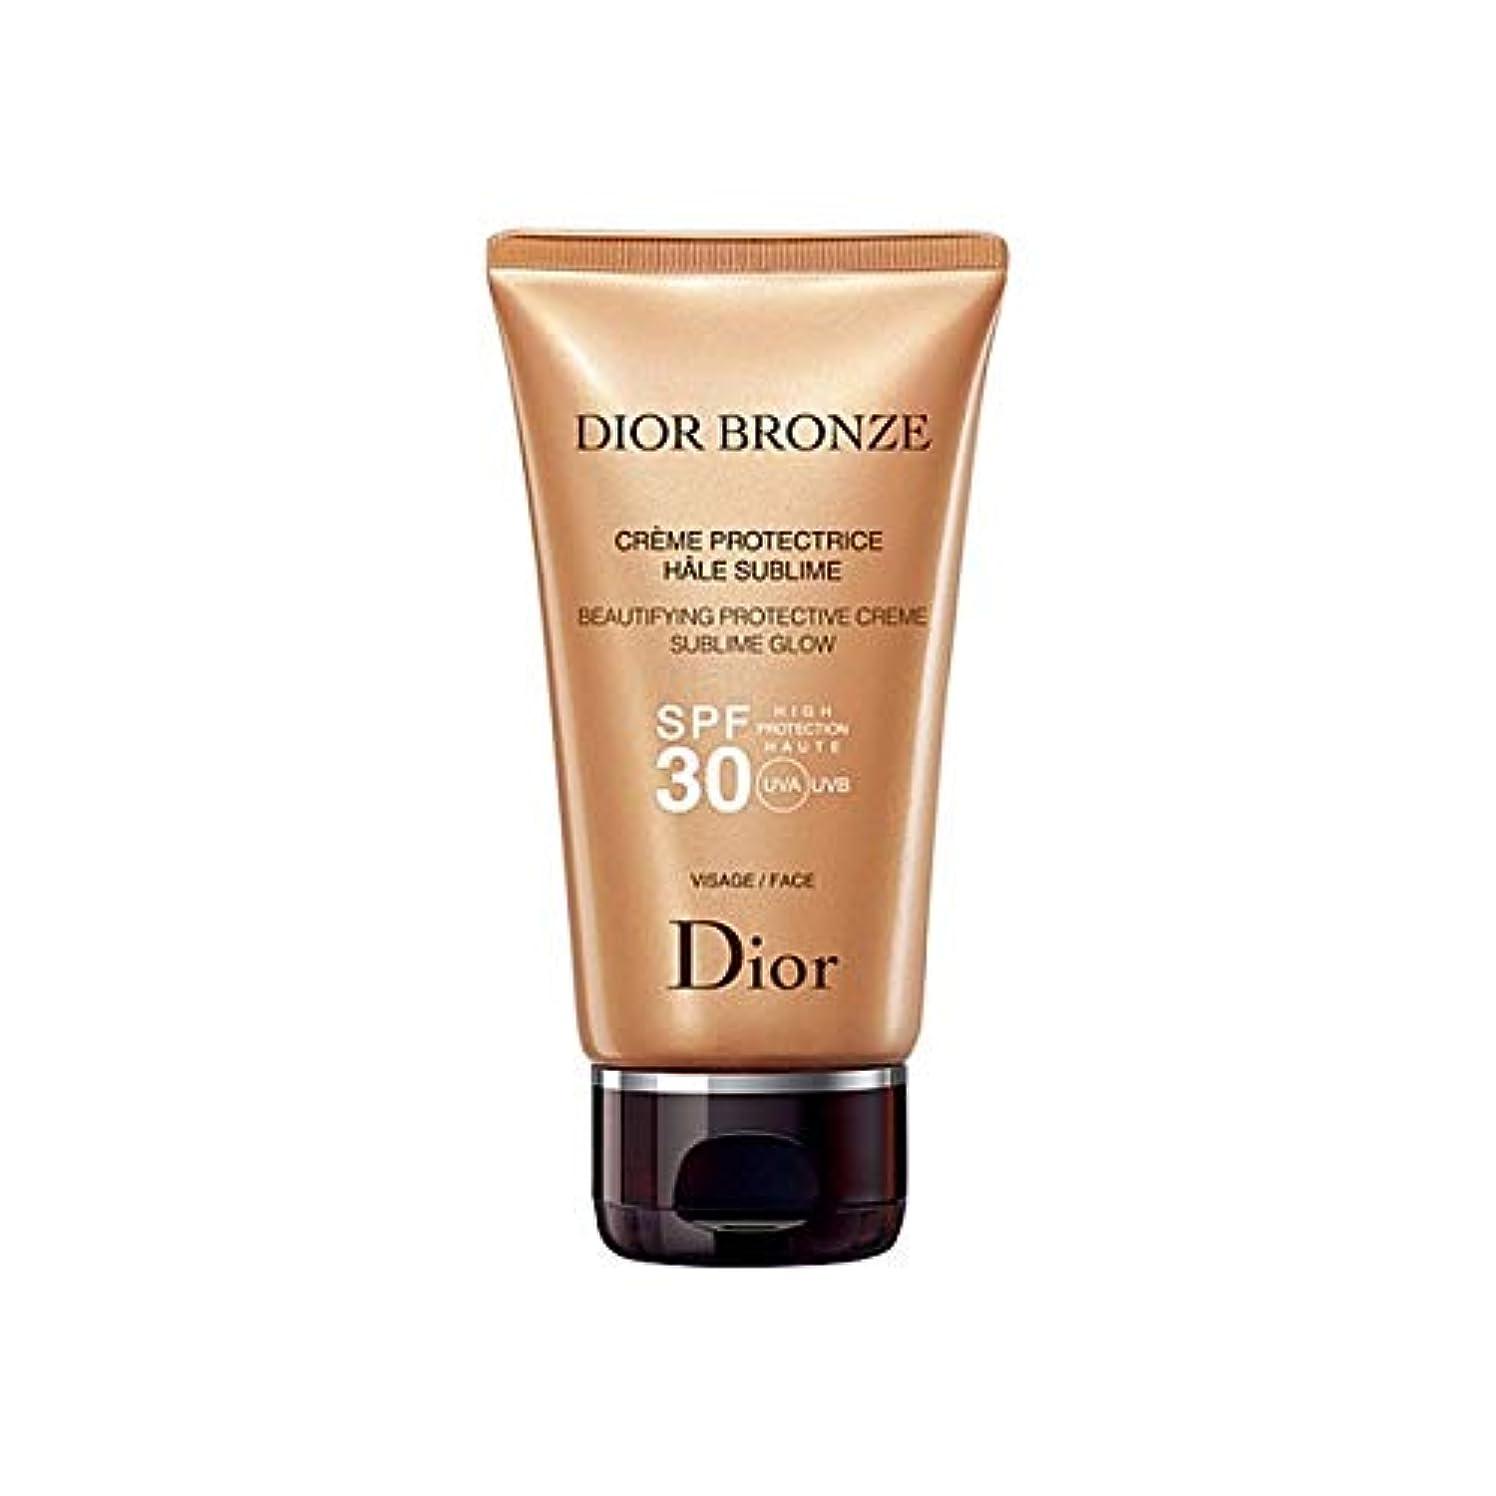 まとめる徹底的に請求可能[Dior ] 保護クリーム崇高グローSpf 30を美化ディオールブロンズ - Dior Bronze Beautifying Protective Creme Sublime Glow Spf 30 [並行輸入品]